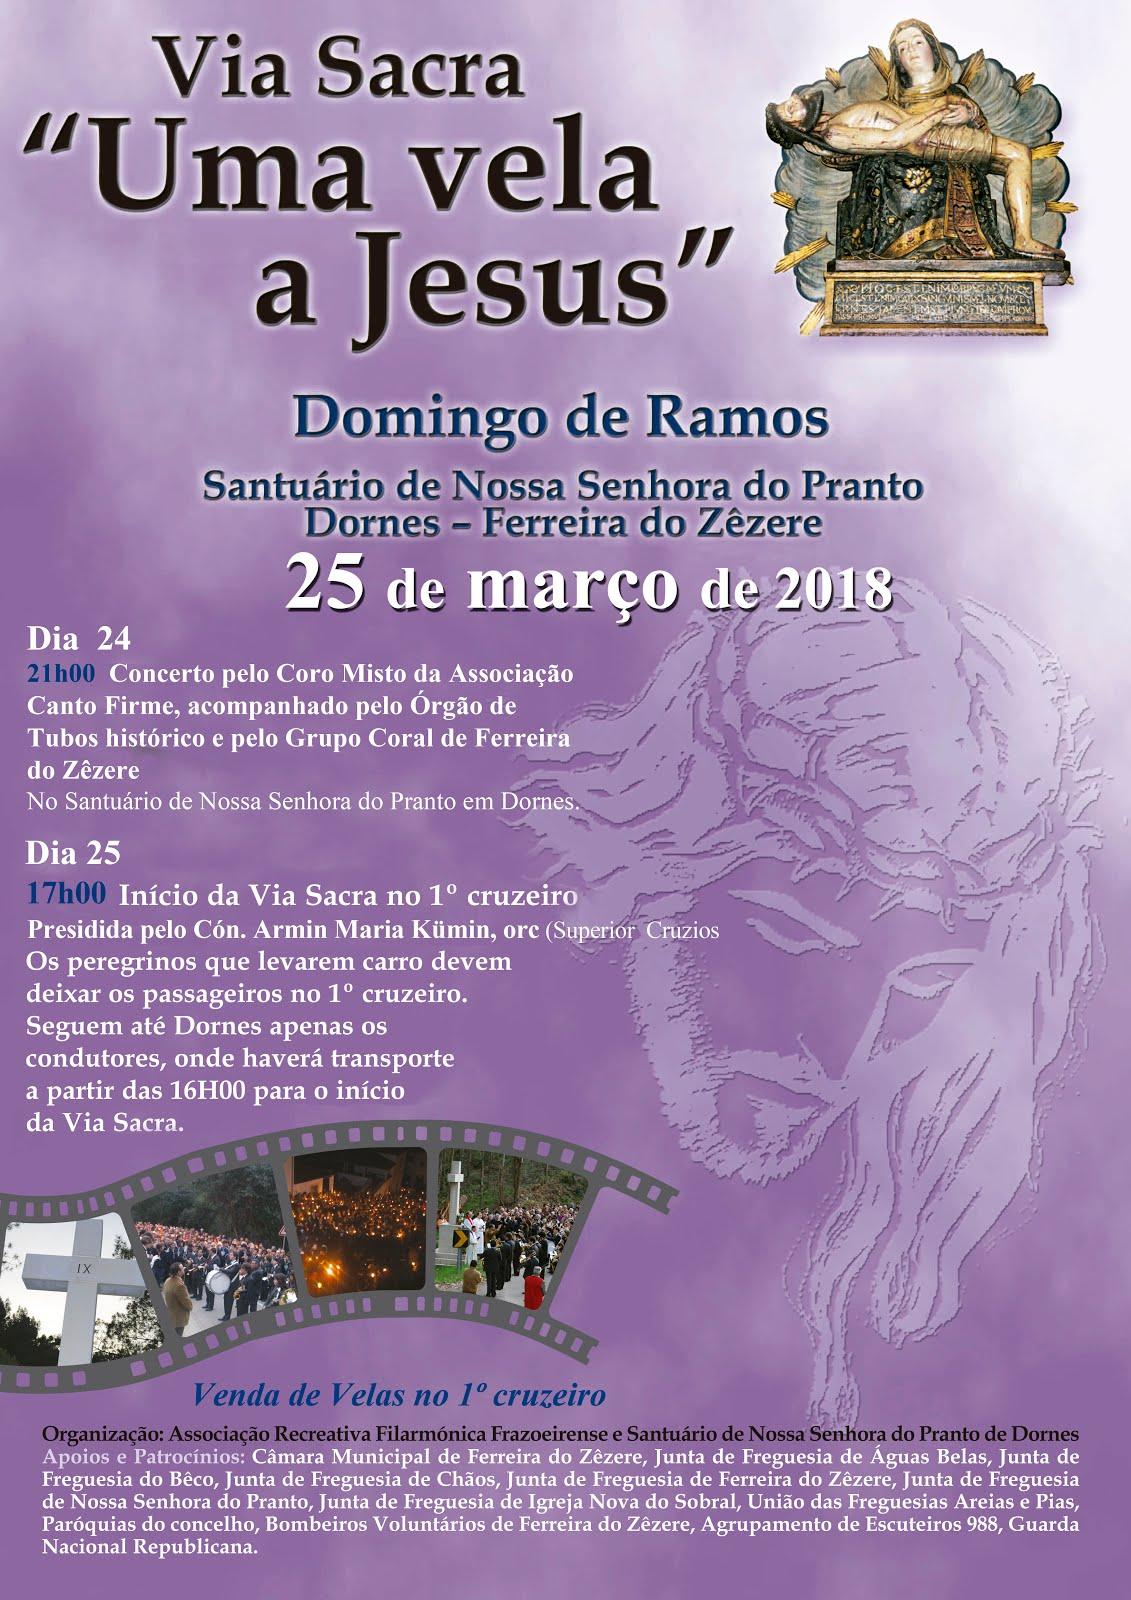 """Via Sacra """"Uma vela a Jesus"""" - Cruzeiros de Dornes 25de março, 17h"""